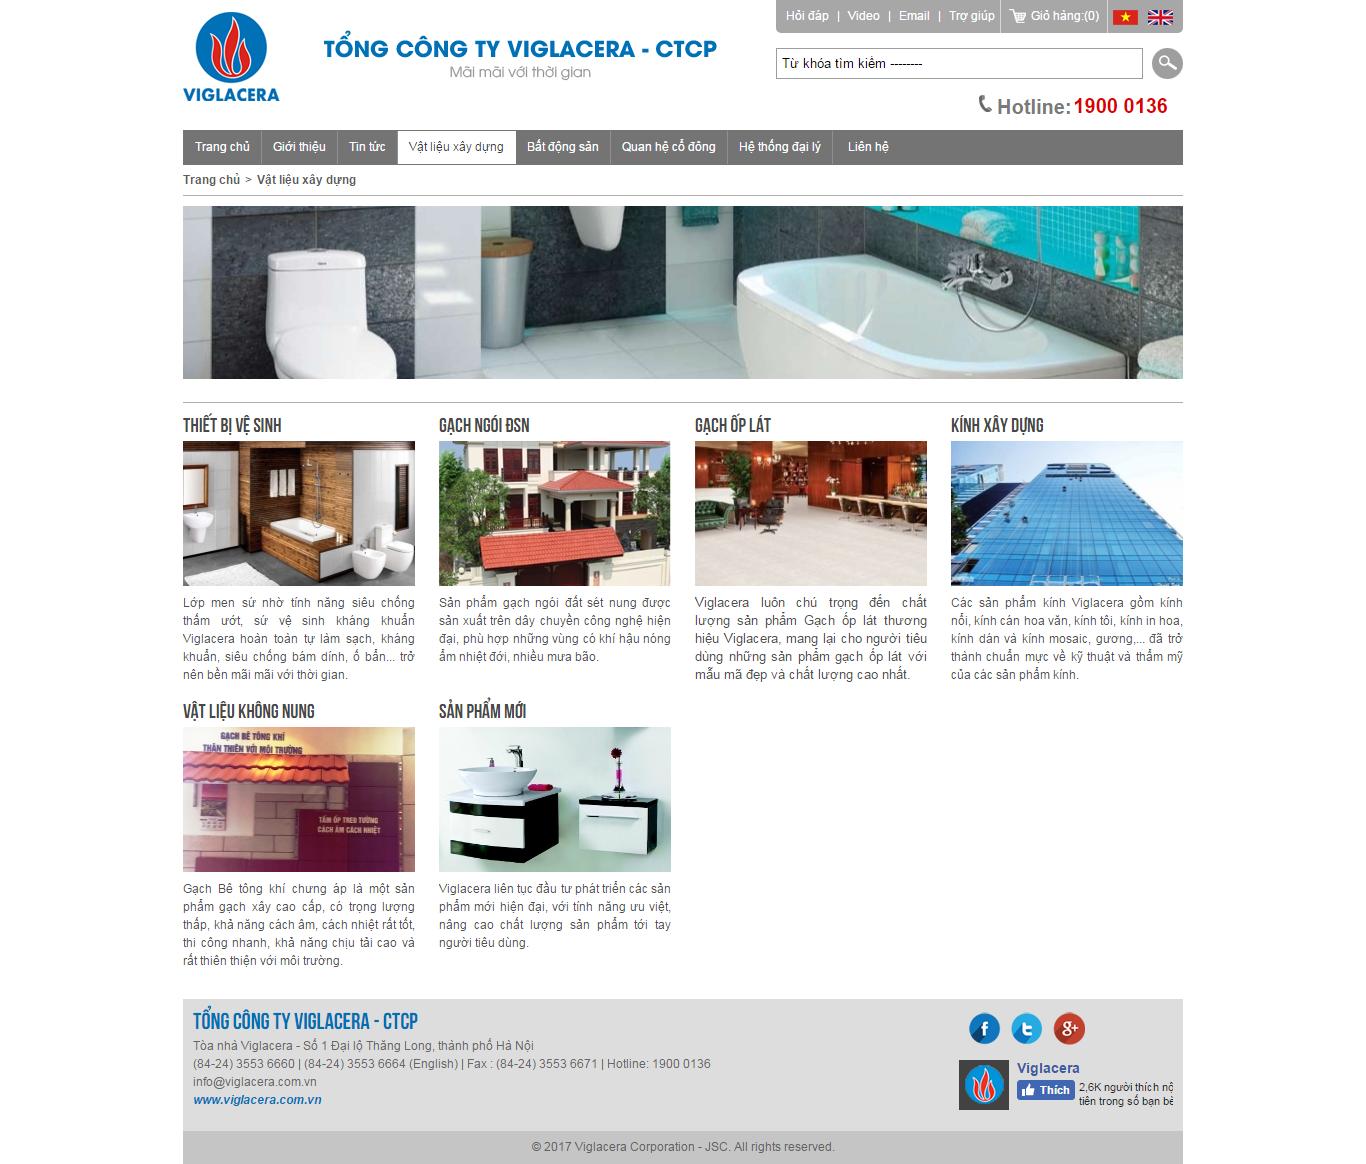 Thiết kế website vật liệu xây dựng, đồ nội thất